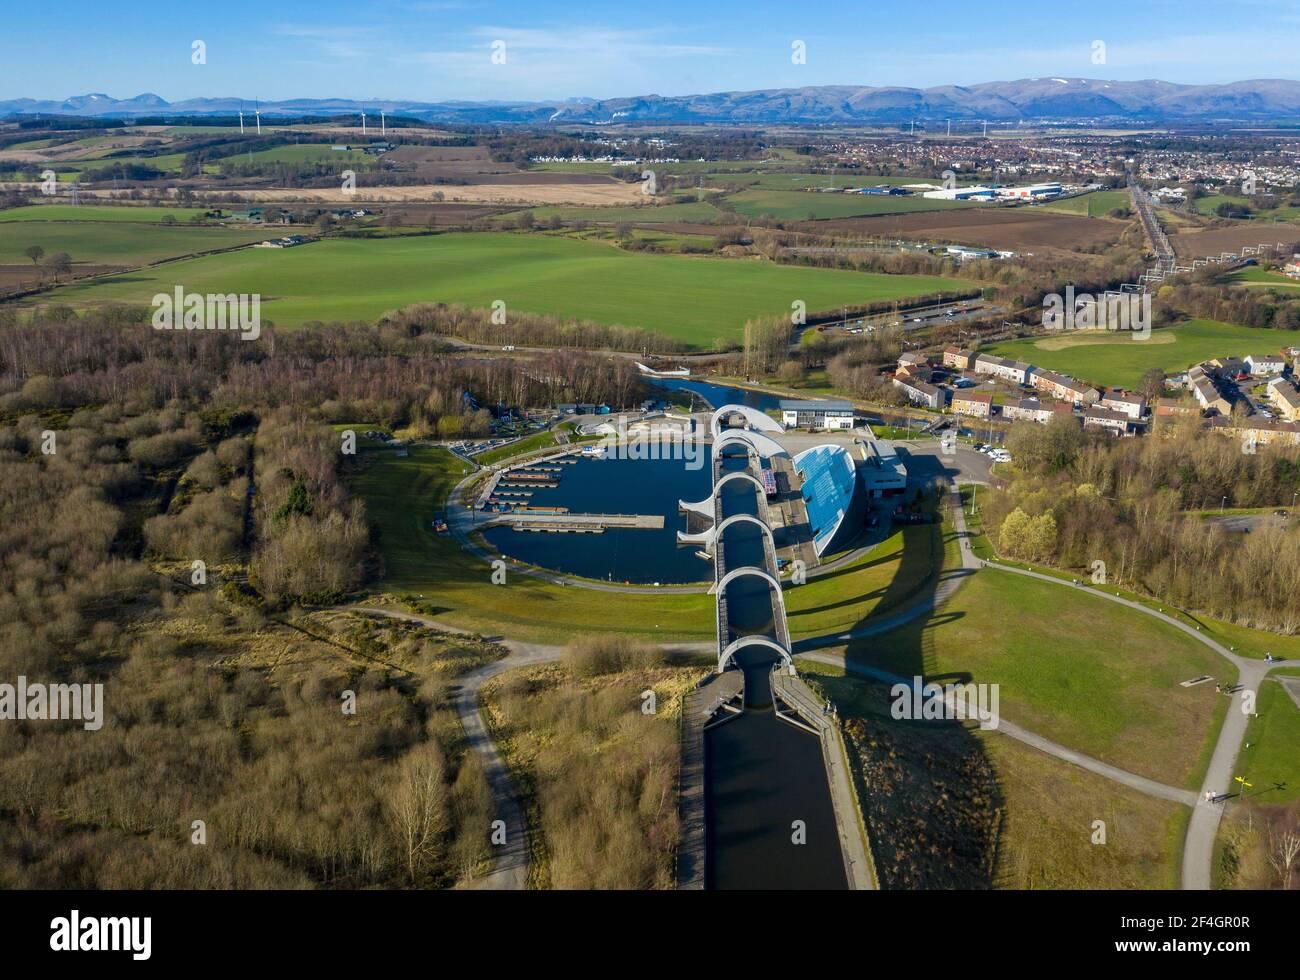 Luftaufnahme des Falkirk Wheel ein rotierender Bootslift in Zentral-Schottland, der den Forth und Clyde Canal mit dem Union Canal verbindet. Stockfoto